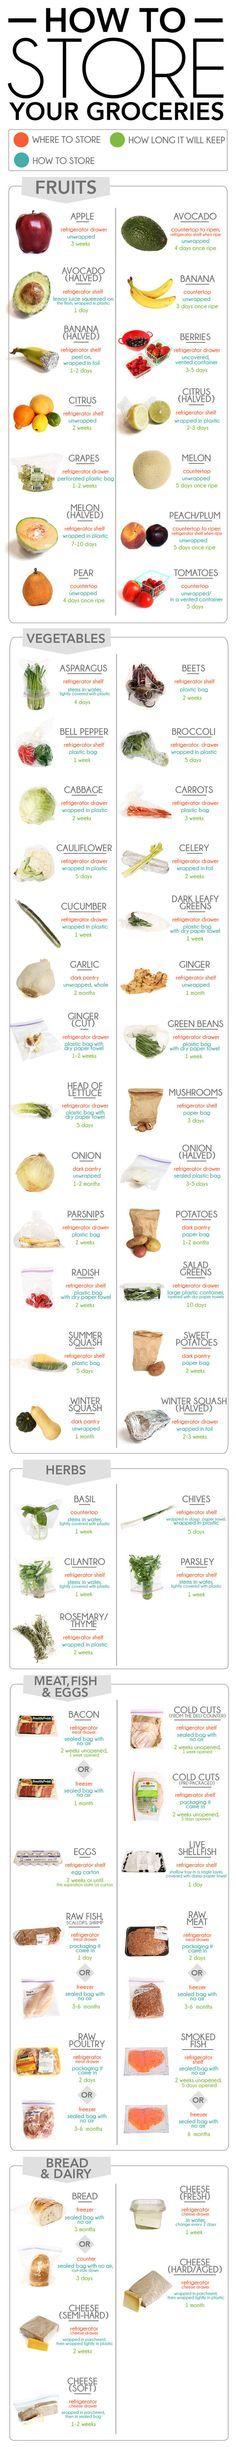 Pour savoir comment stocker vos bons produits. | 24 graphiques pour vous aider à manger plus équilibré